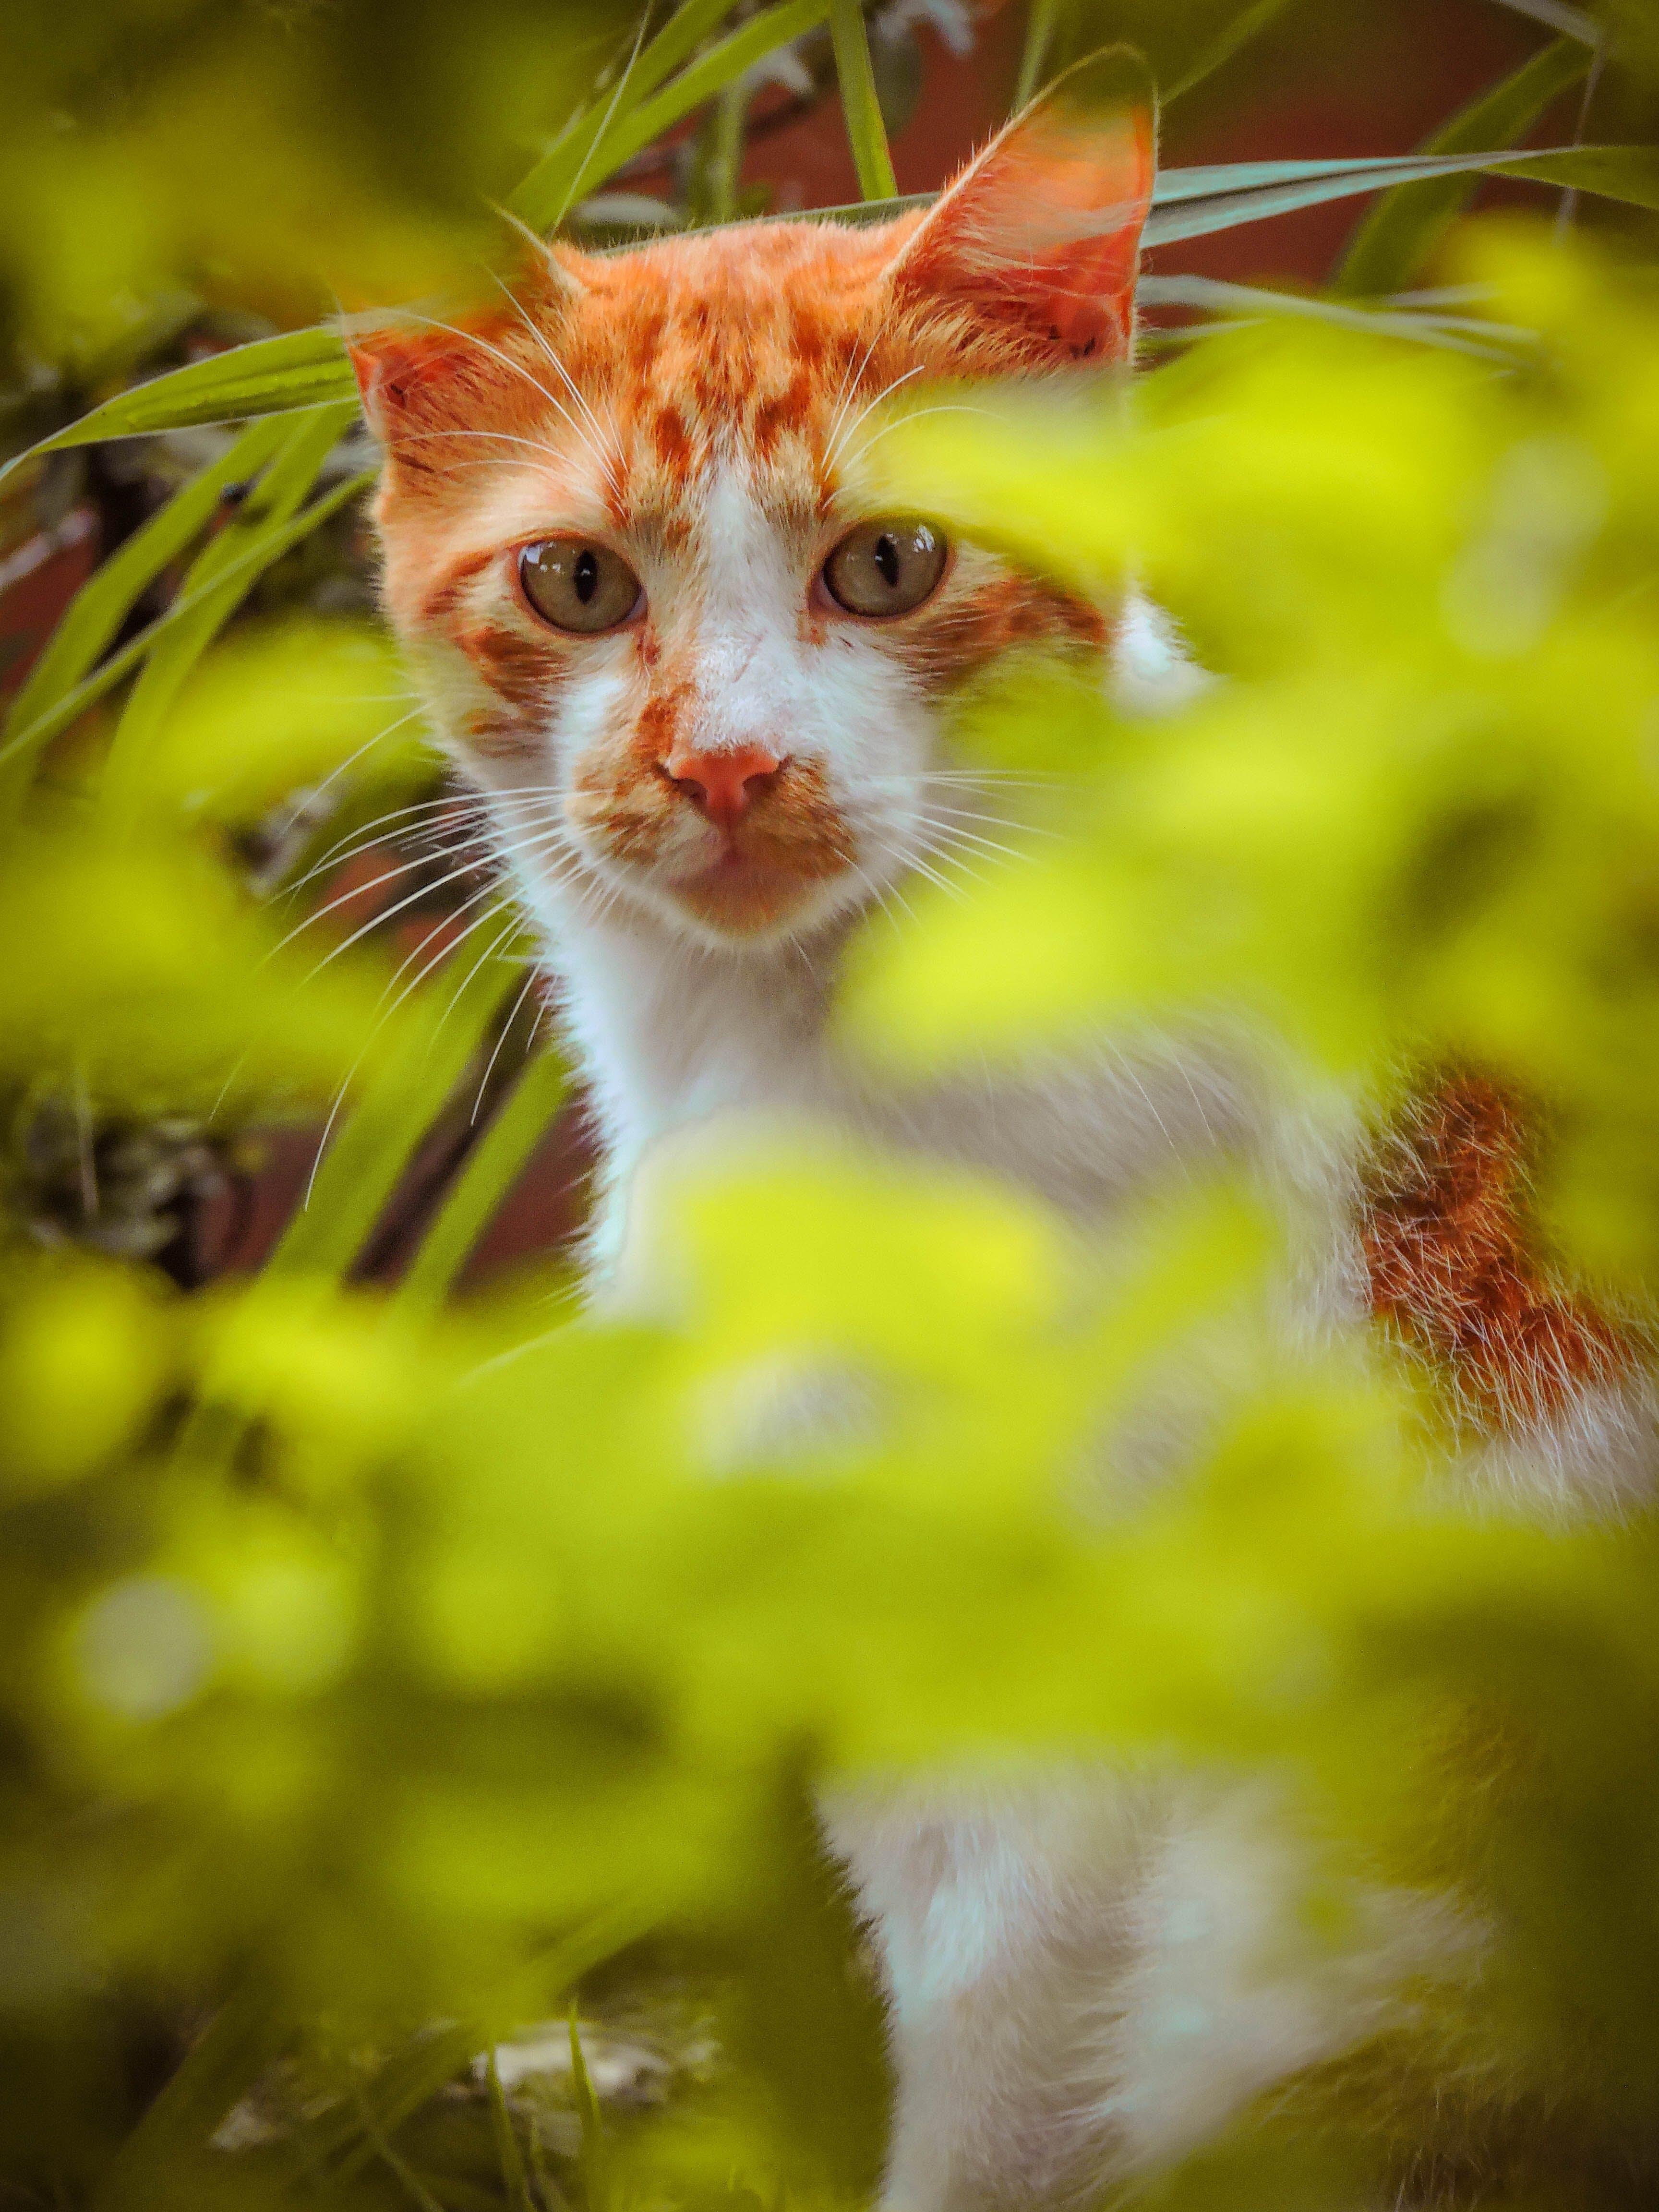 Gratis lagerfoto af close-up, dyr, farve, græs